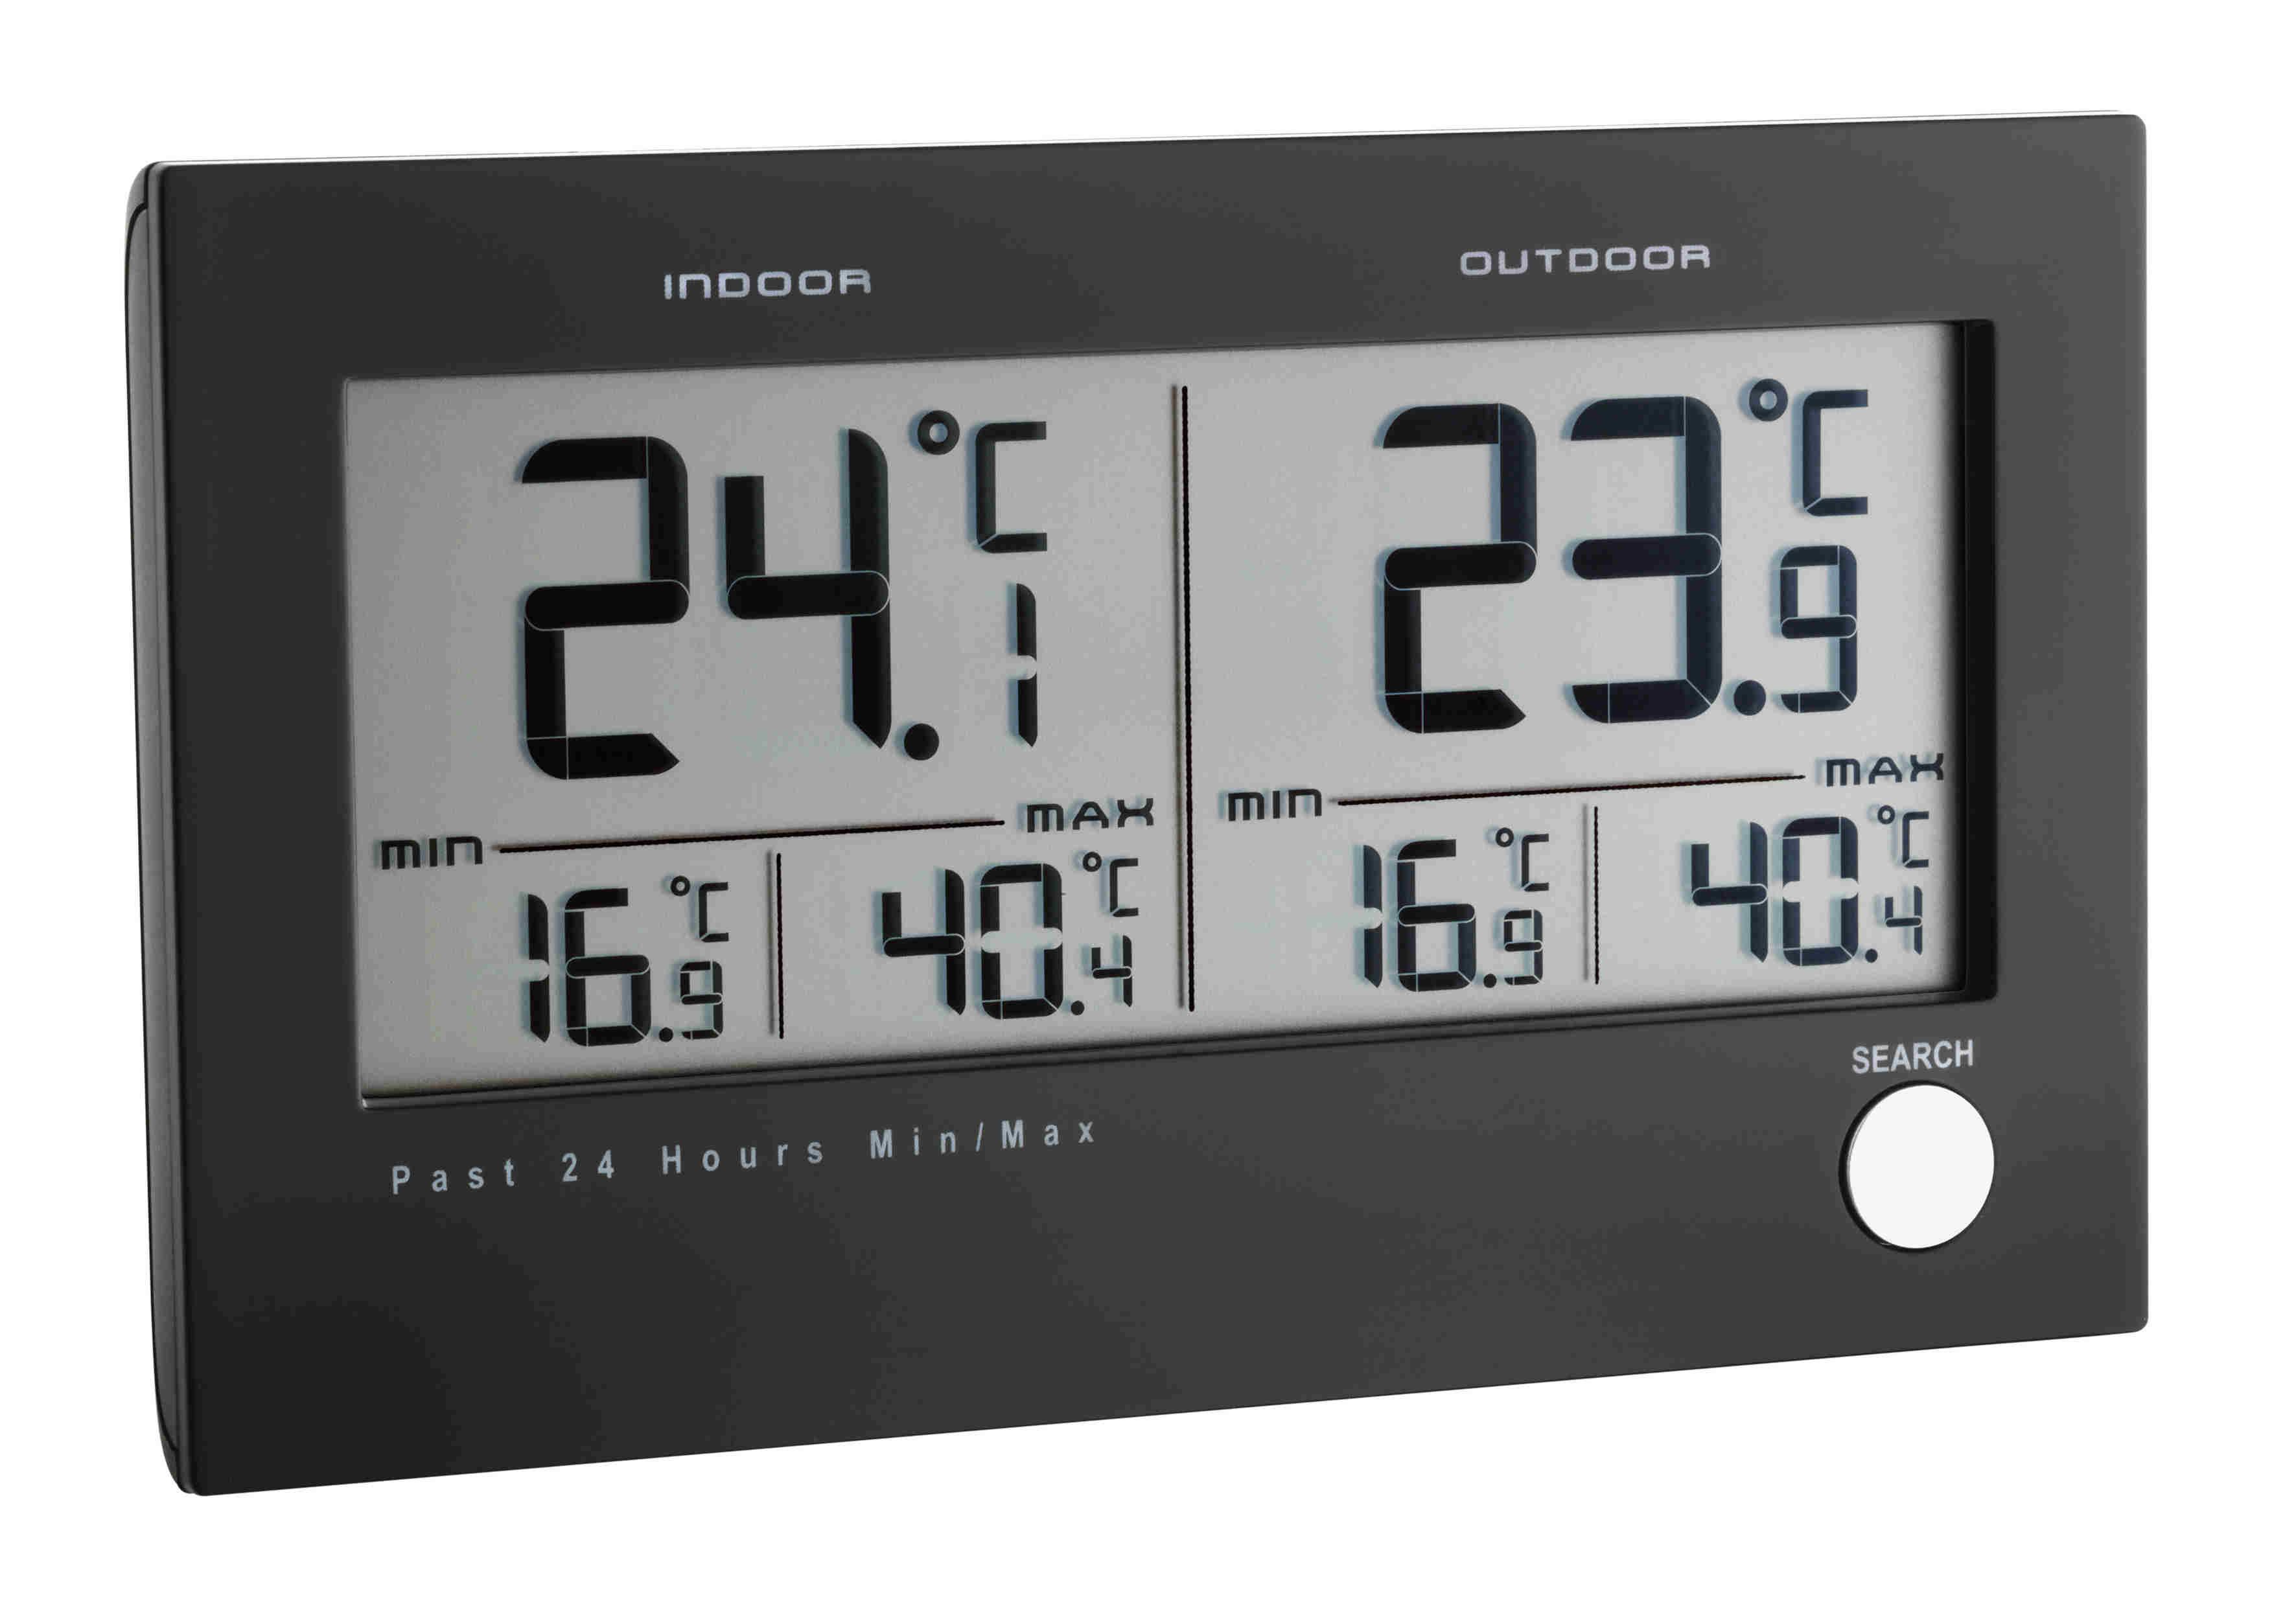 Kühlschrank Thermometer Funk : Tfa dostmann twin funk thermometer